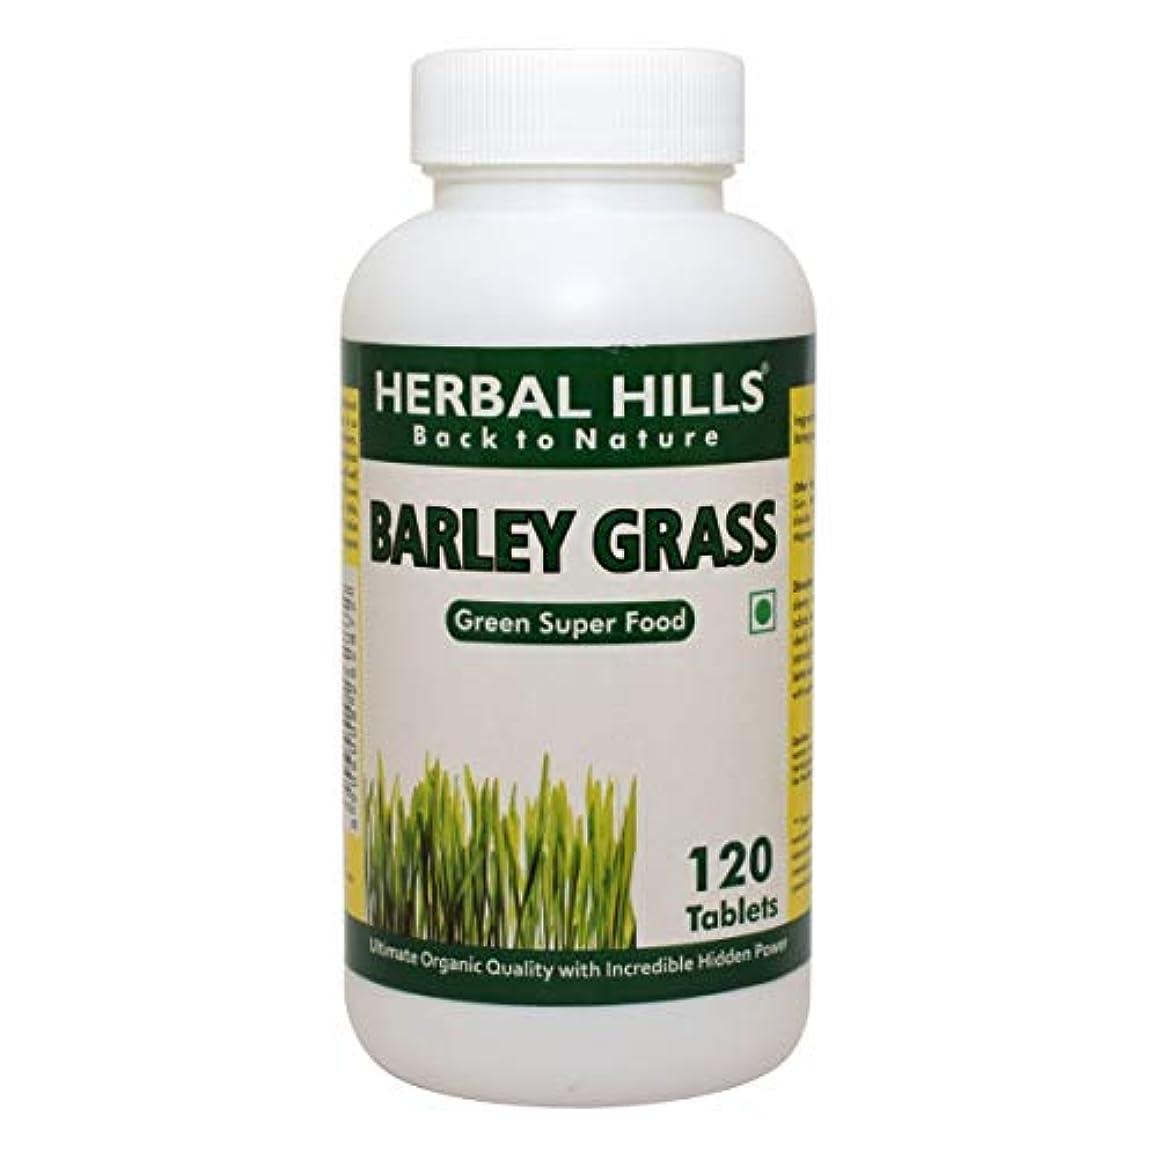 ケイ素フェデレーション教育学Barley Grass Food Supplement 500mg, 120 Tablets - 大麦草食品サプリメント